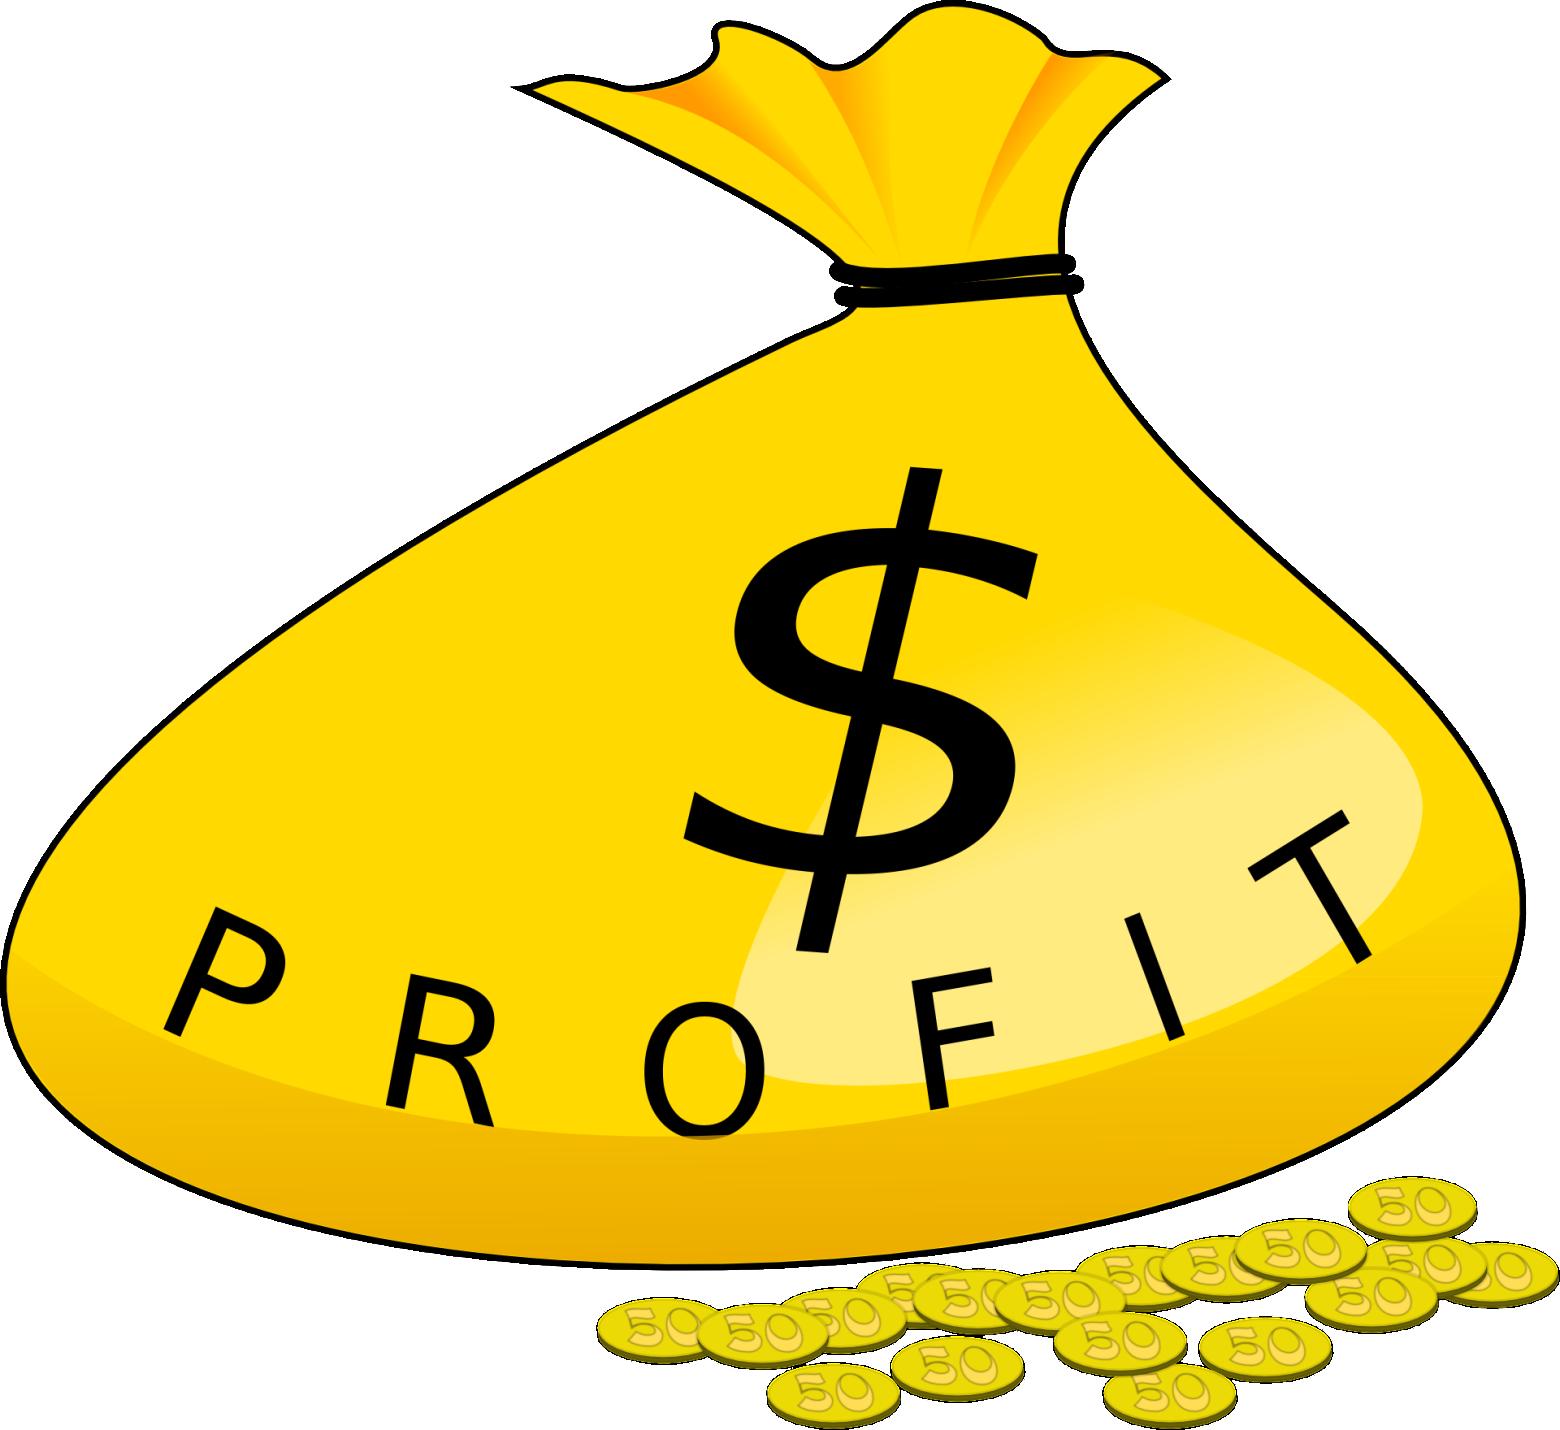 sac bourse d' argent finances images illustrations ...